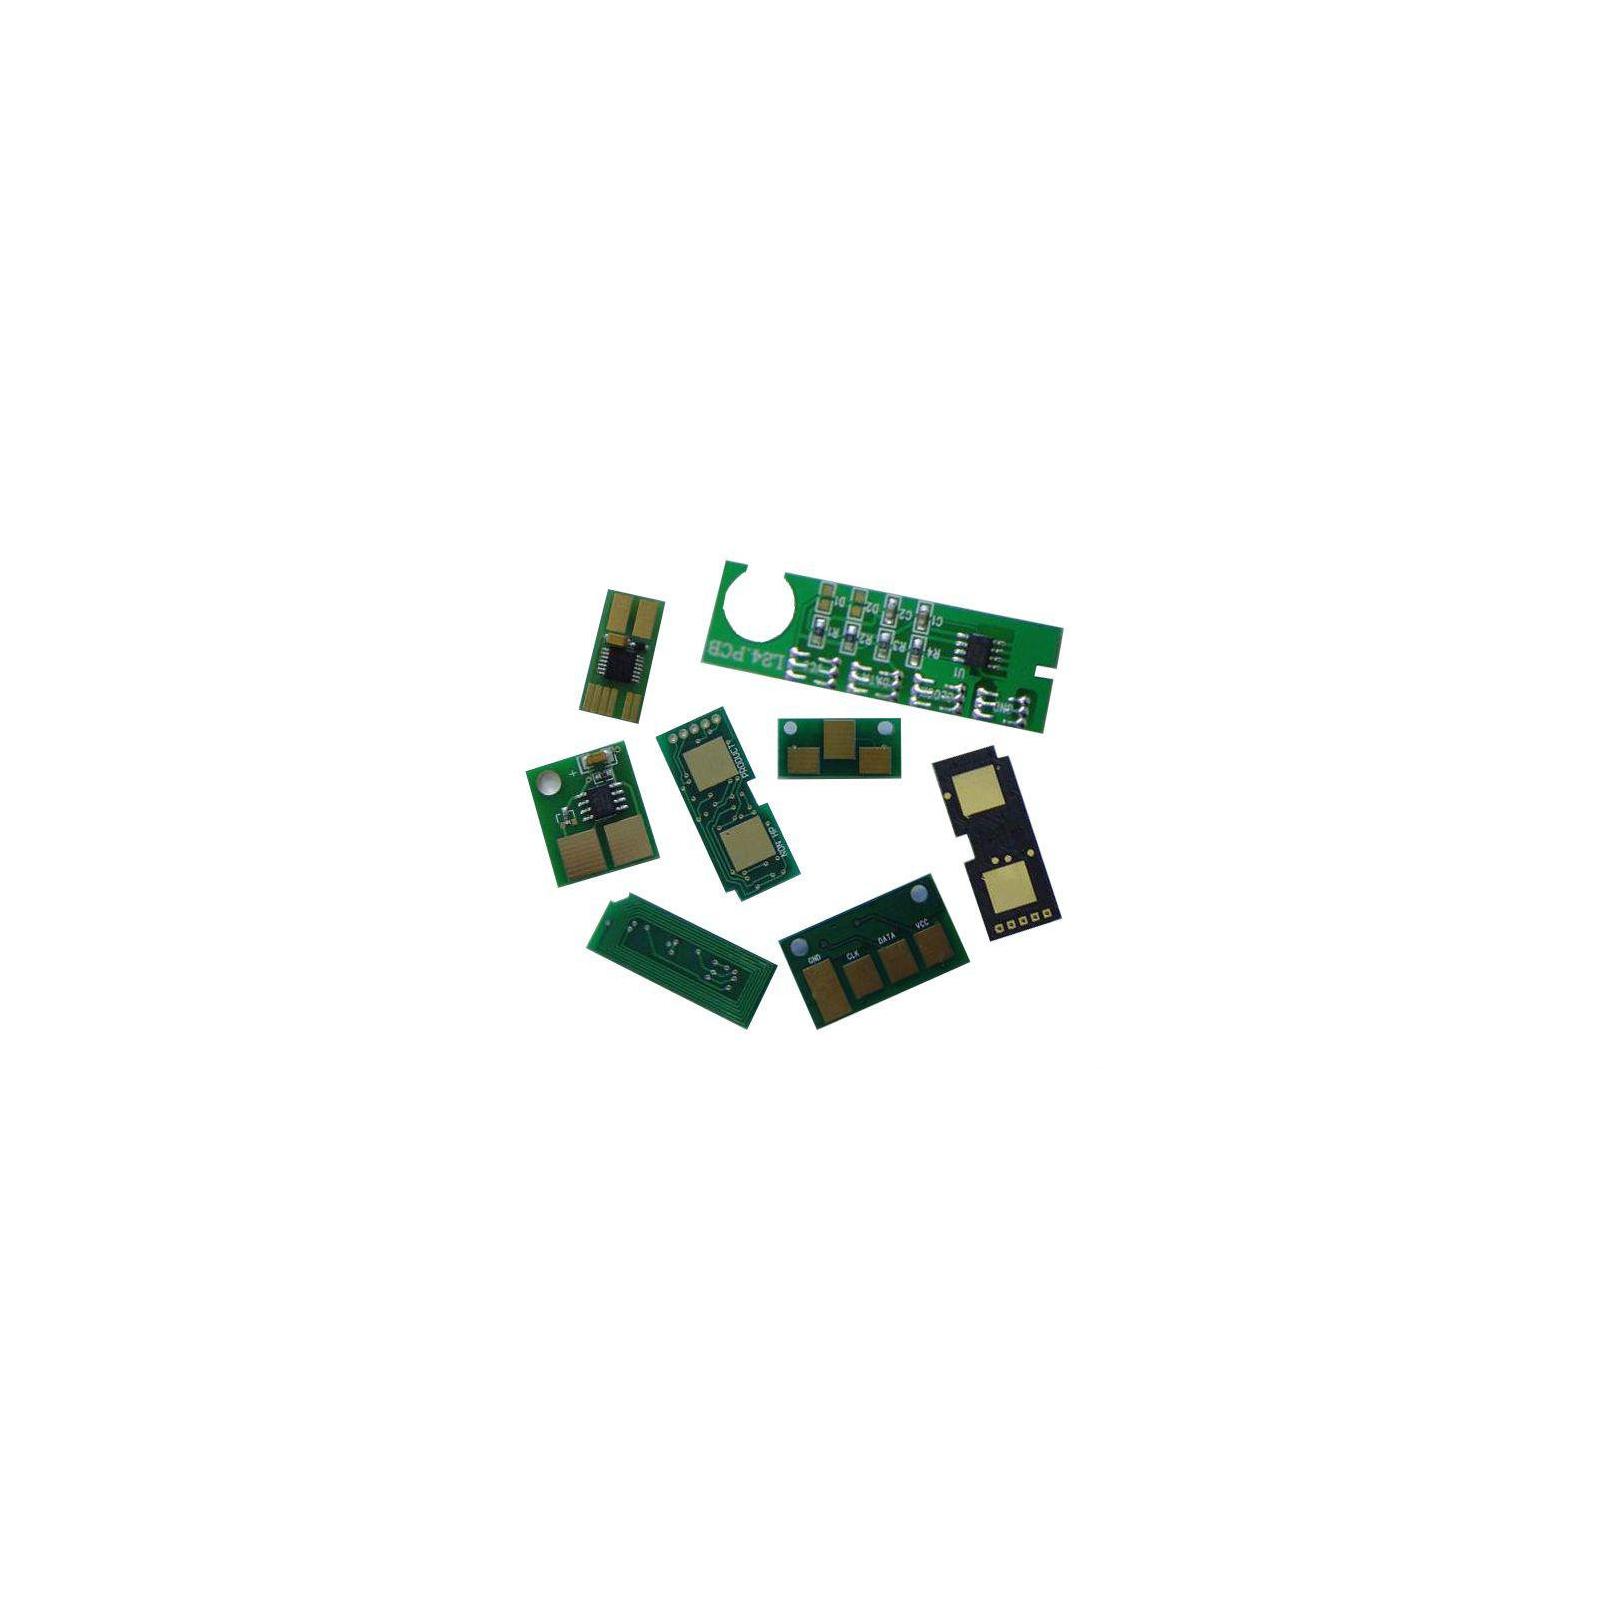 Чип для картриджа EPSON T1814 18XL ДЛЯ XP-102/205 YELLOW Apex (CHIP-EPS-T1814-Y)